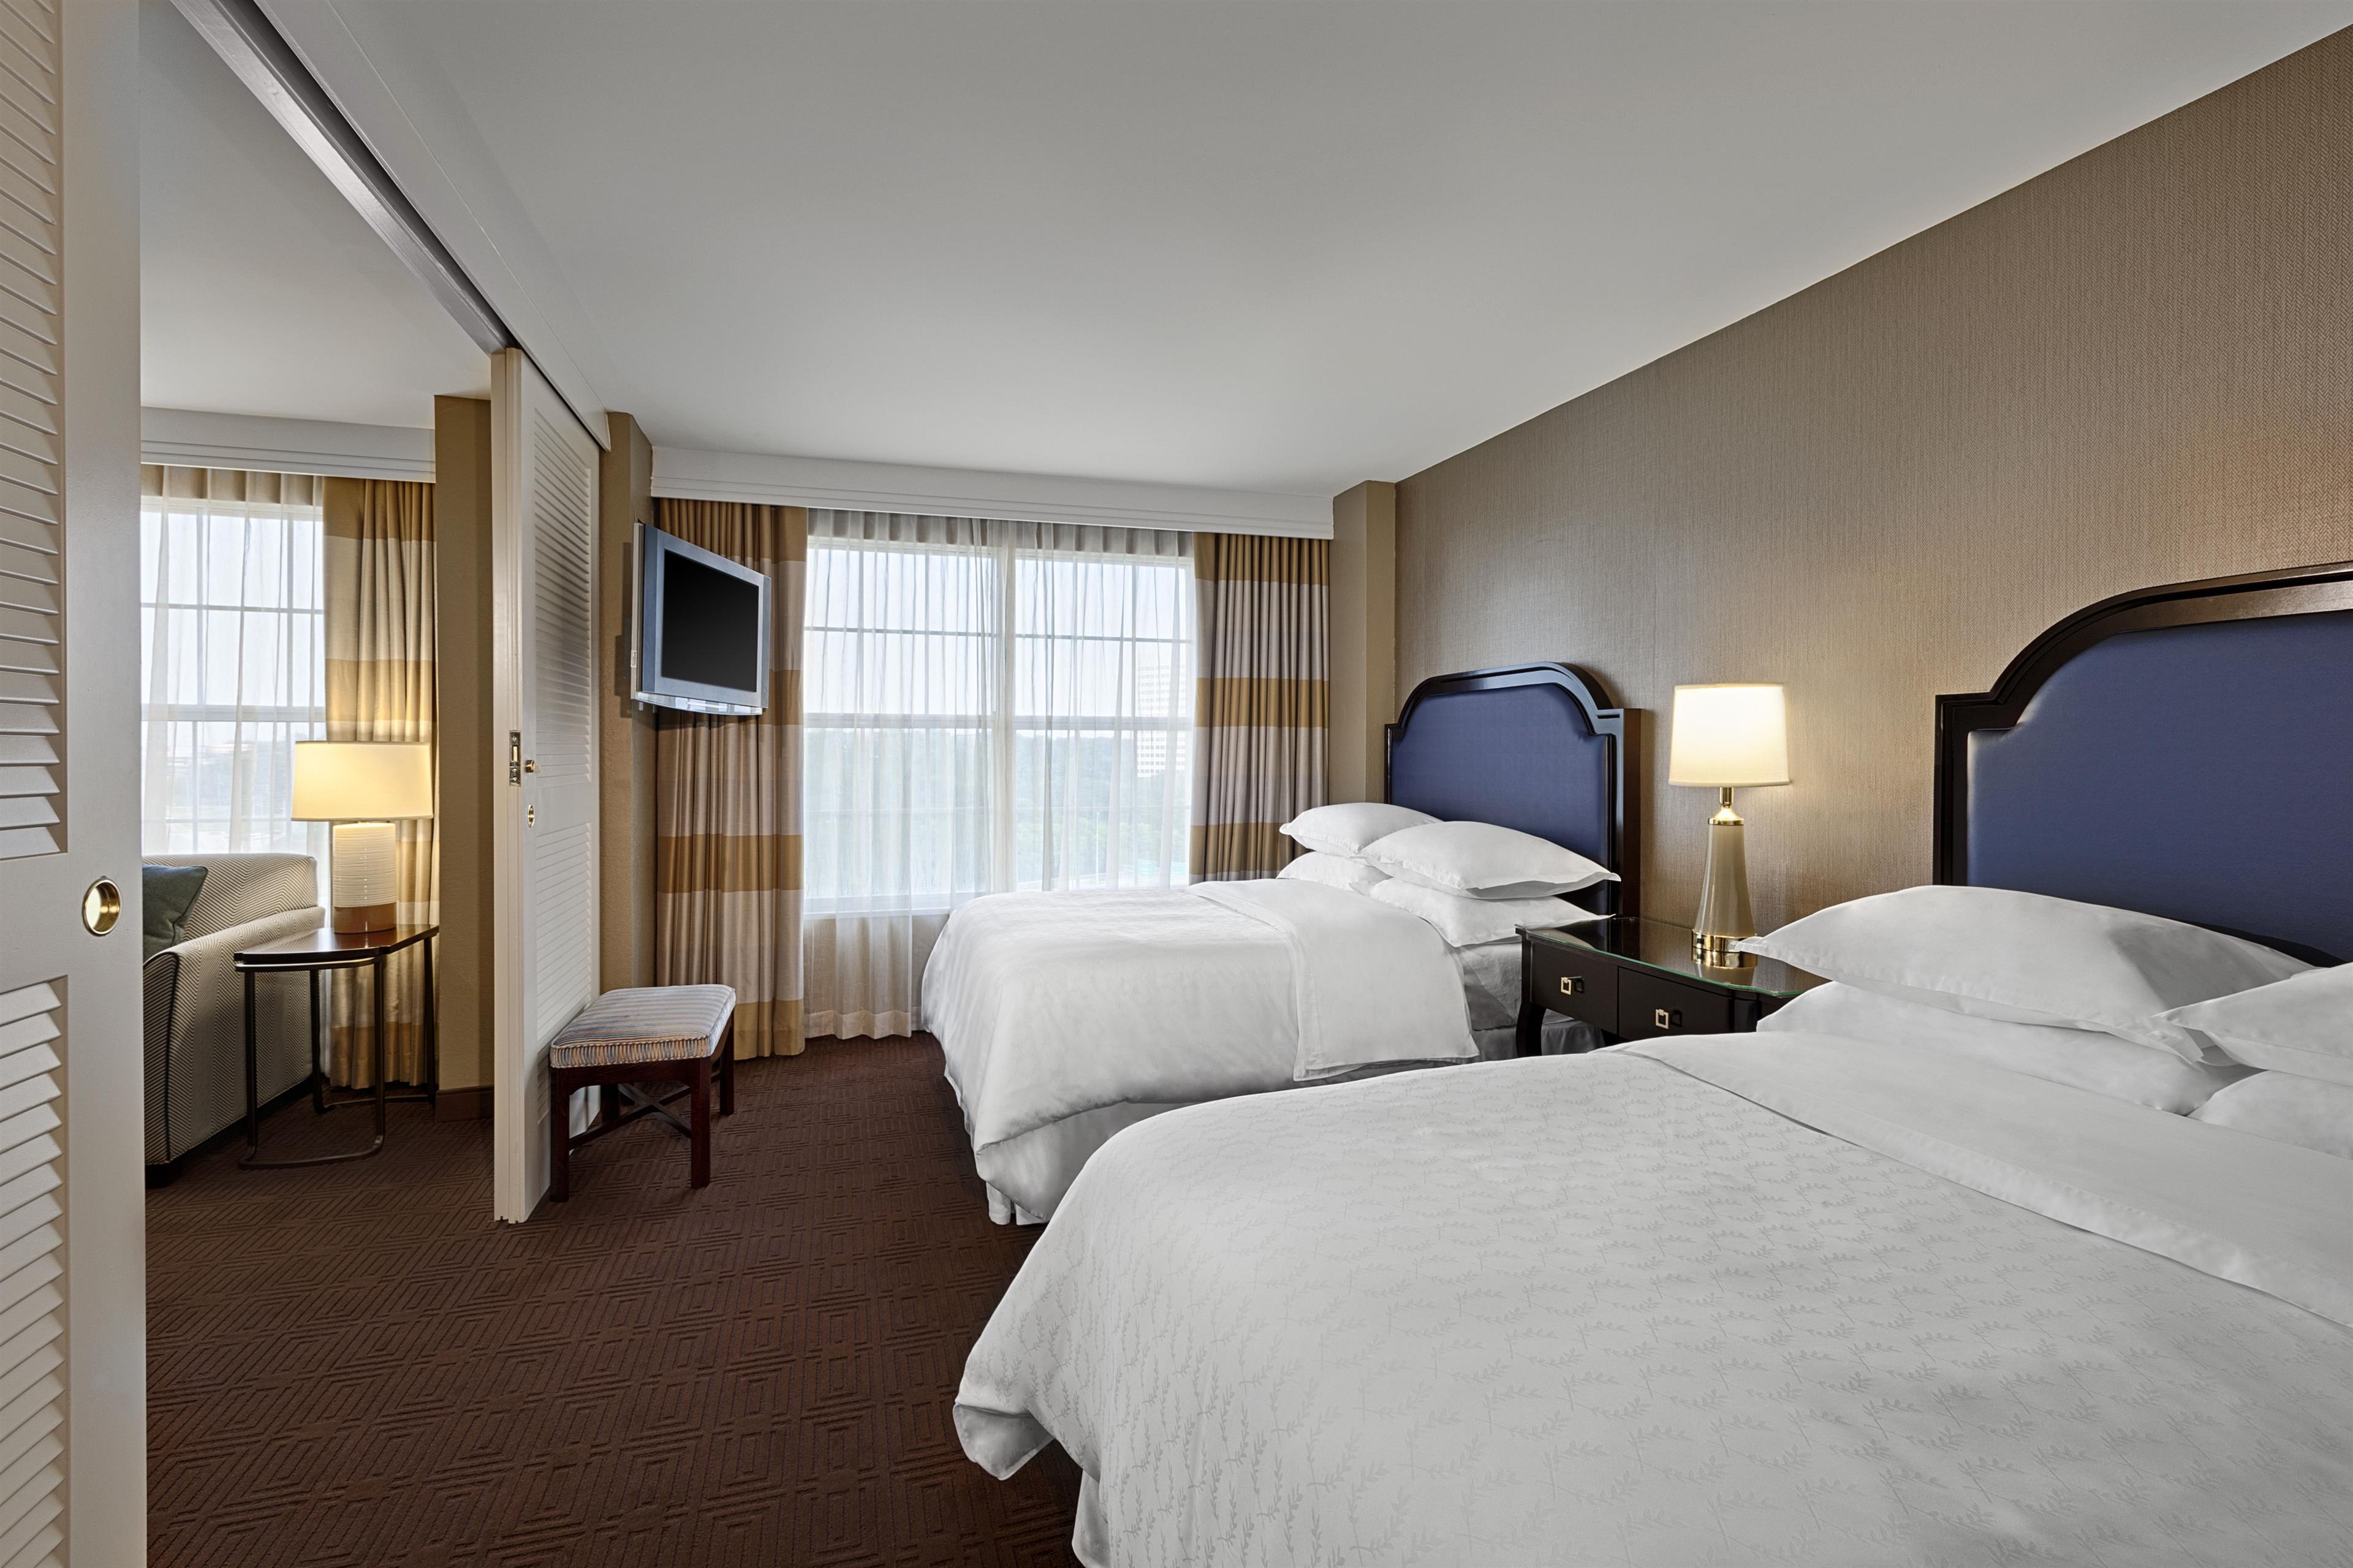 Sheraton Suites Galleria-Atlanta image 4